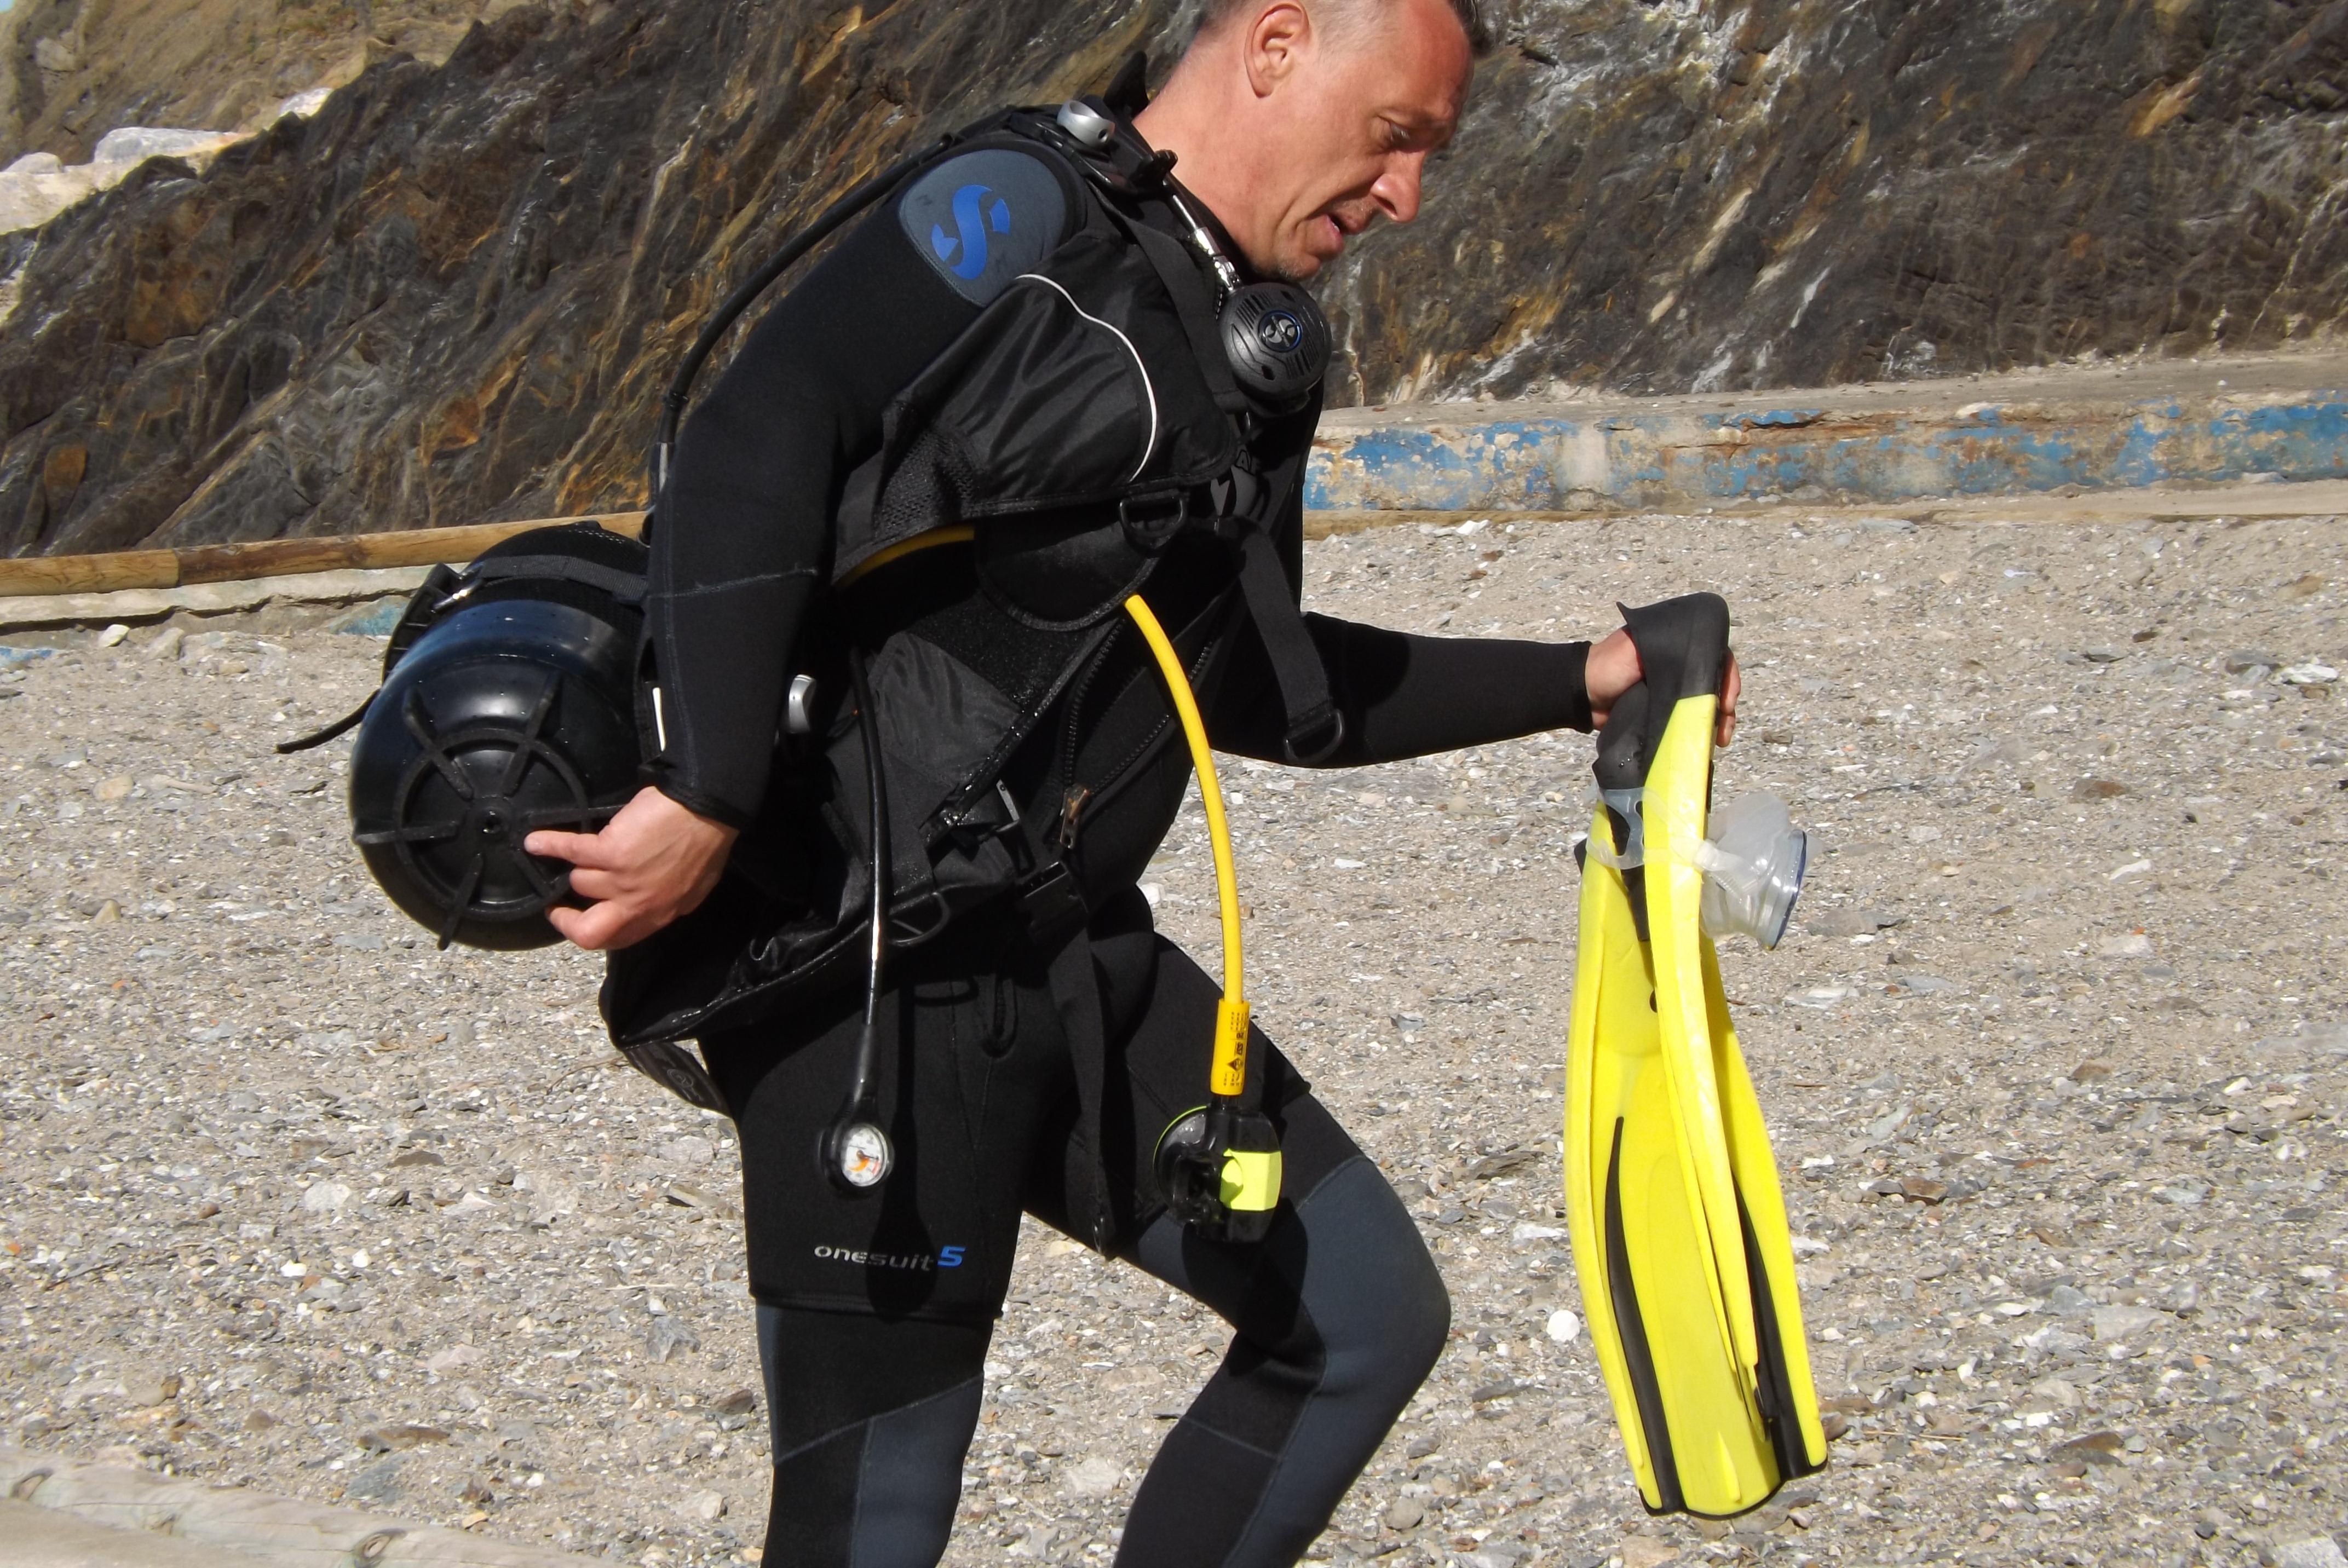 Week end mai 2013 à Cap Cerbere le 11 16-58-10